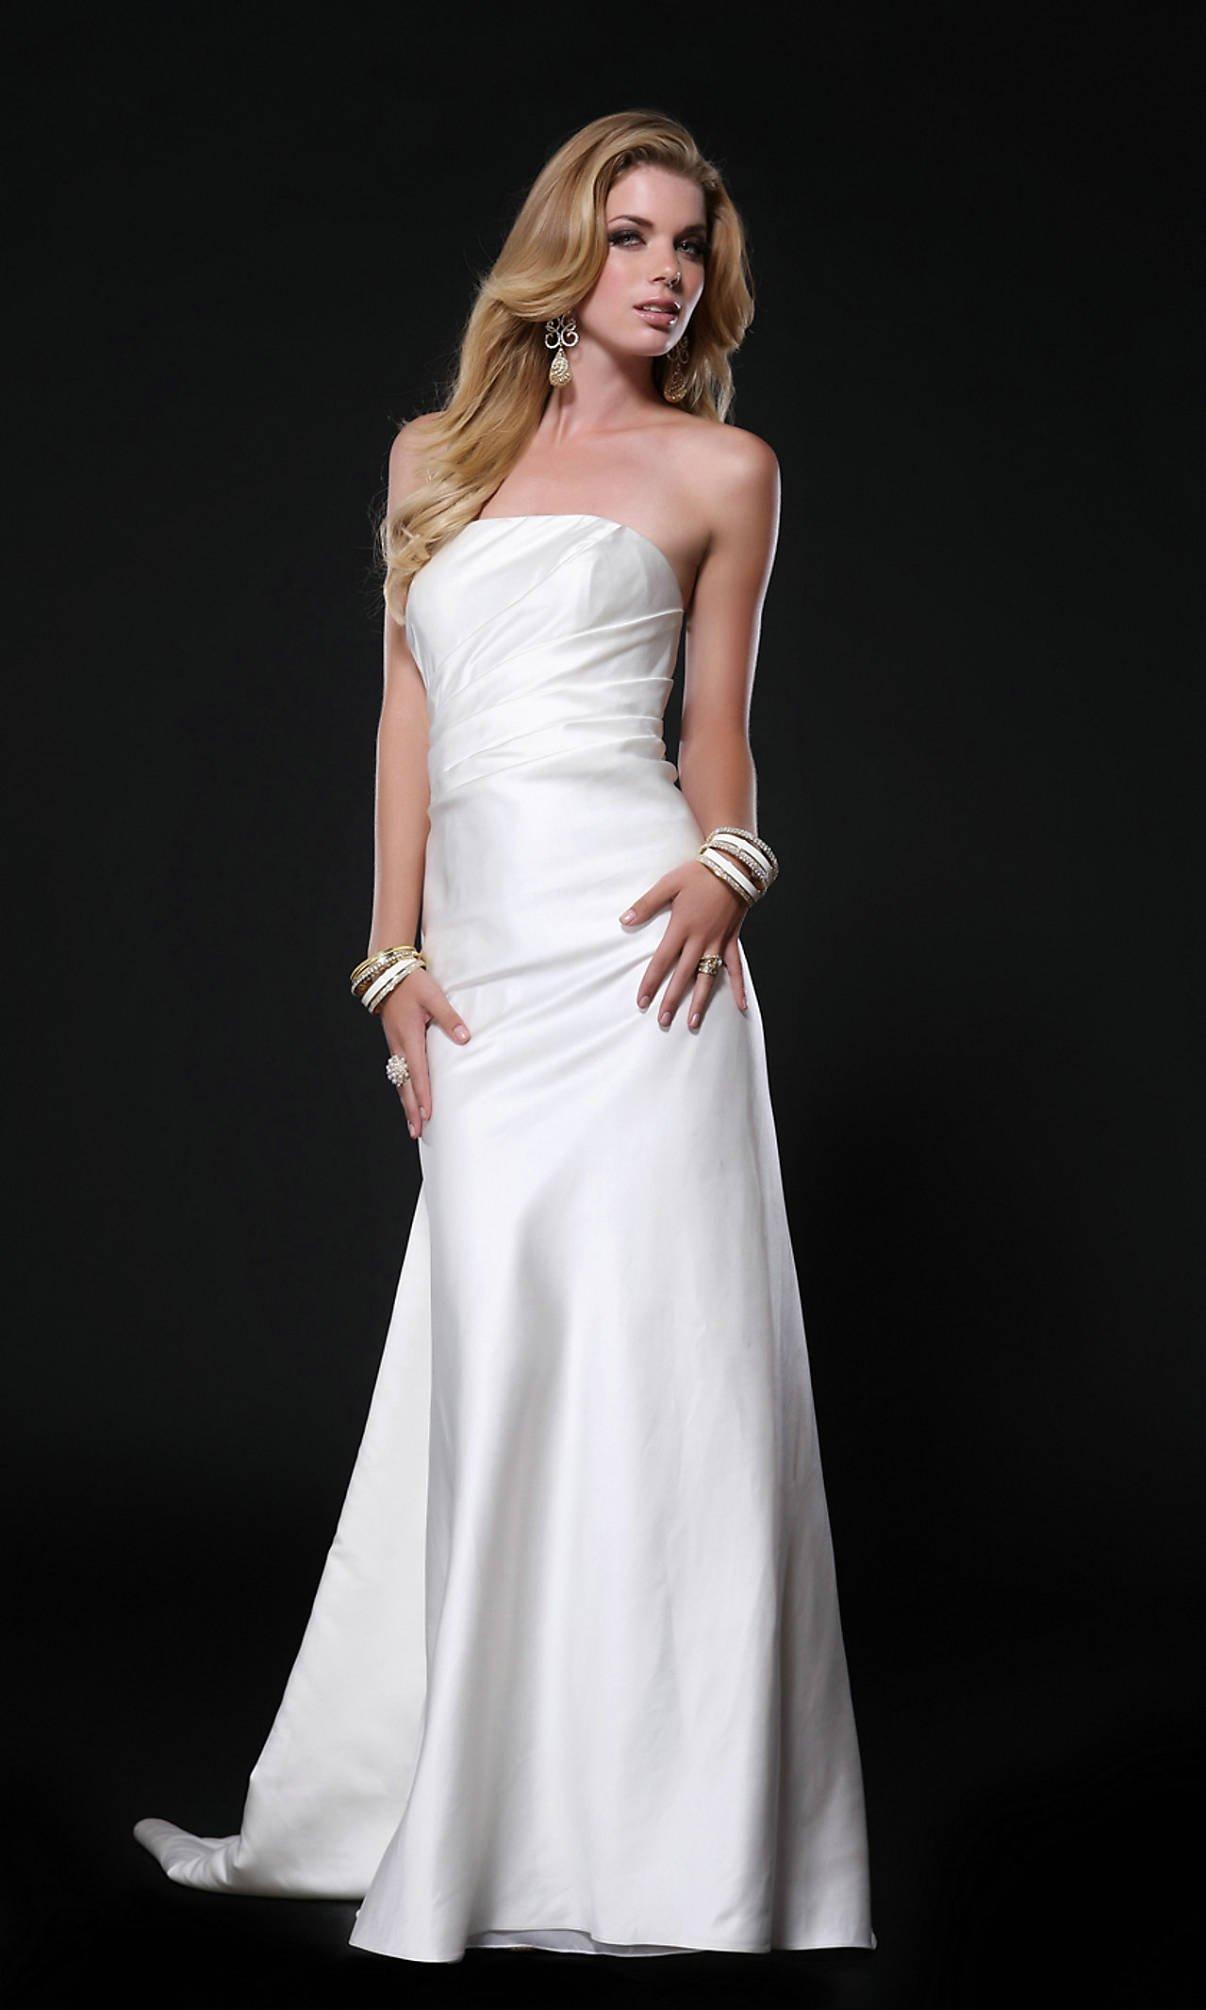 white elegant dresses photo - 1